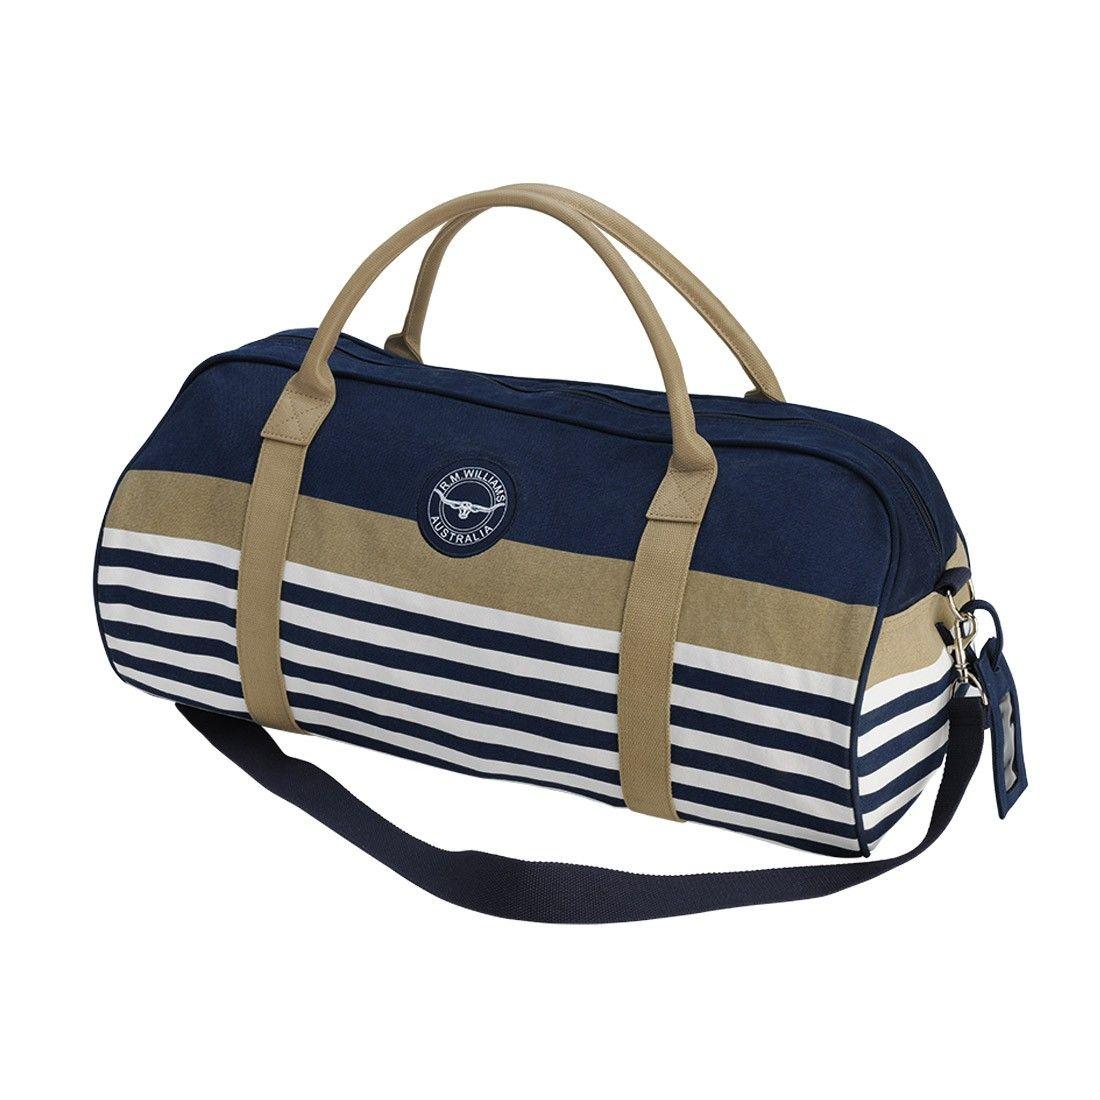 R M Williams Penarie Tote Bag 120 00